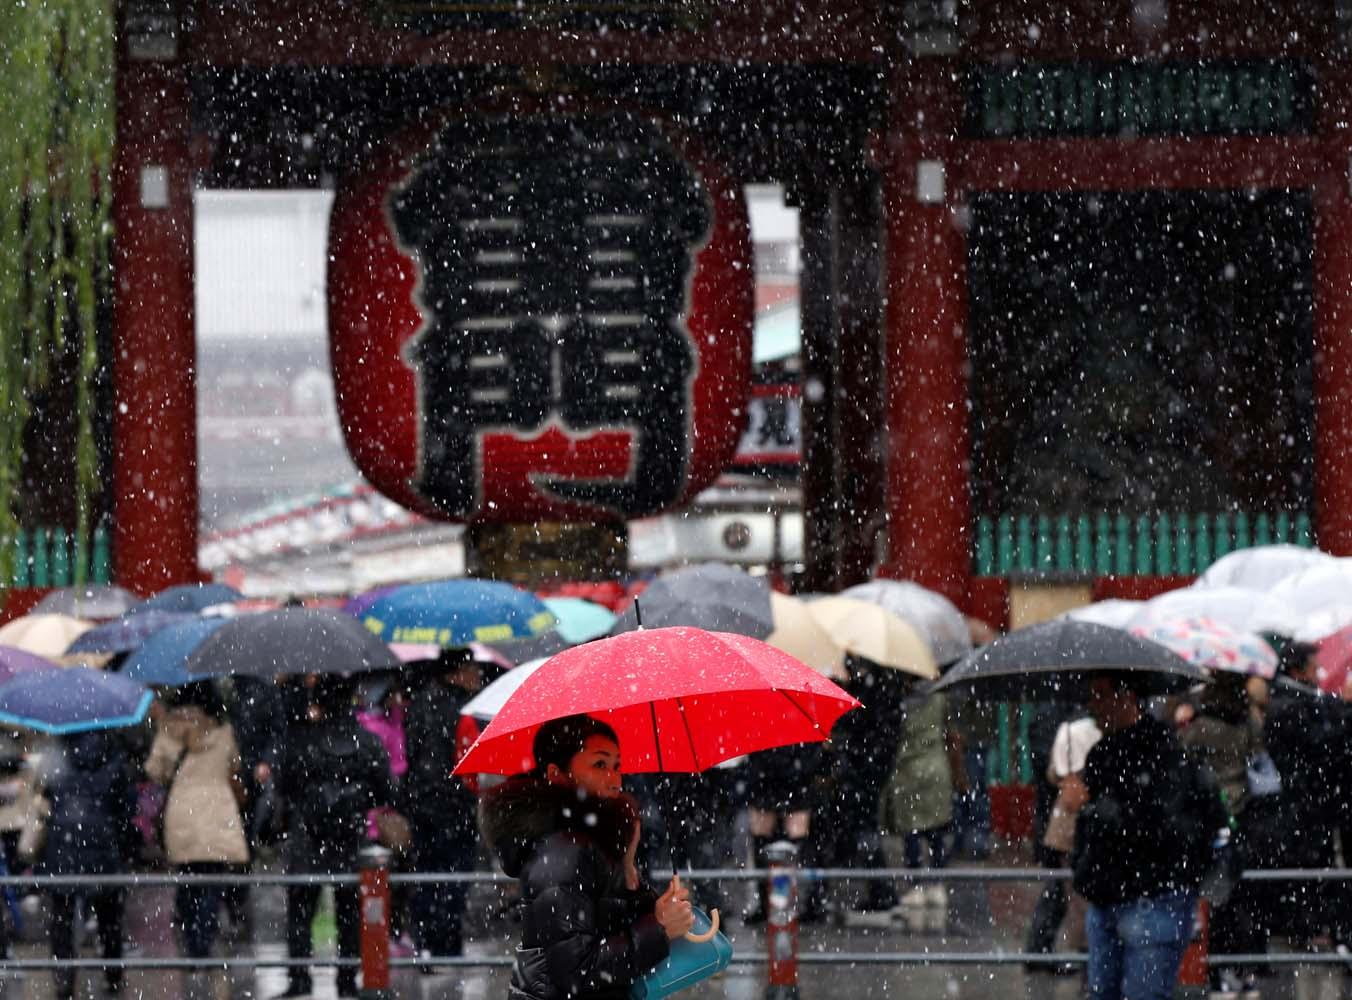 2016-11-24T033952Z_1626068361_S1AEUOPKEAAA_RTRMADP_3_JAPAN-WEATHER